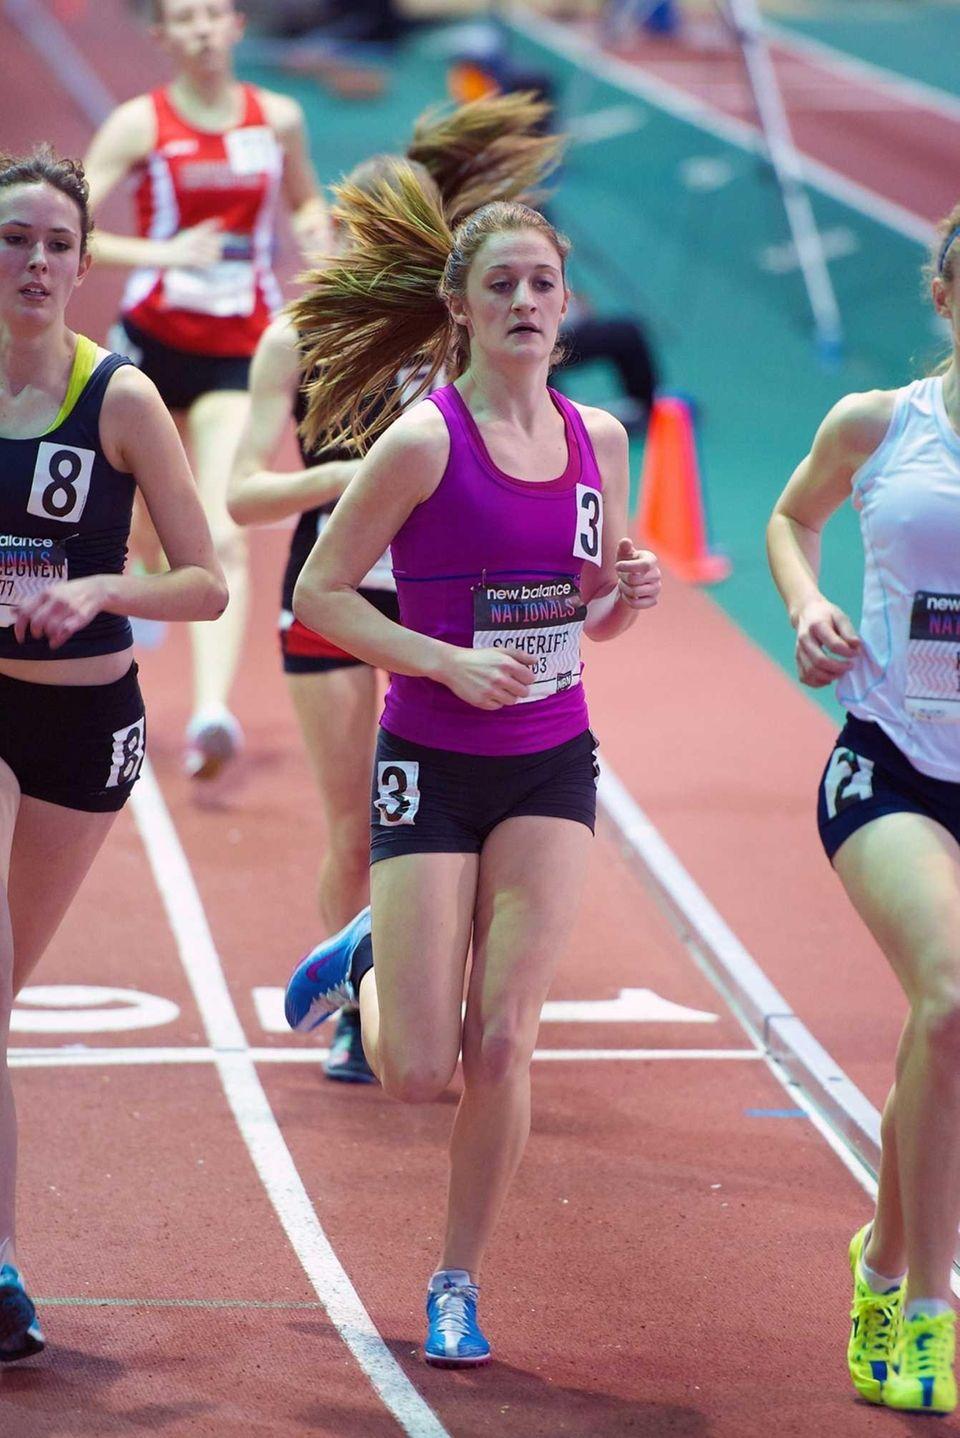 Jessica Scheriff of North Babylon runs in the